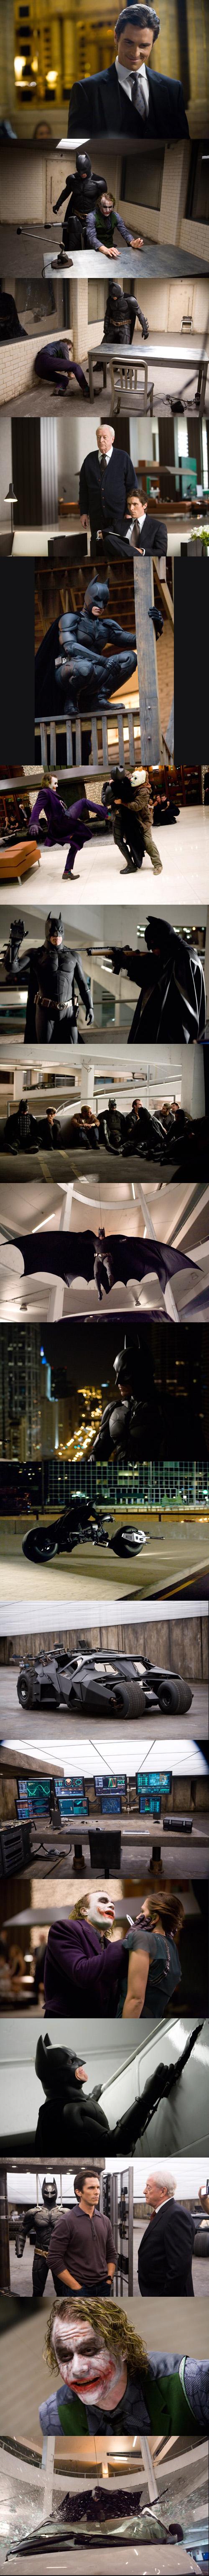 Fotos de Batman en su nueva película